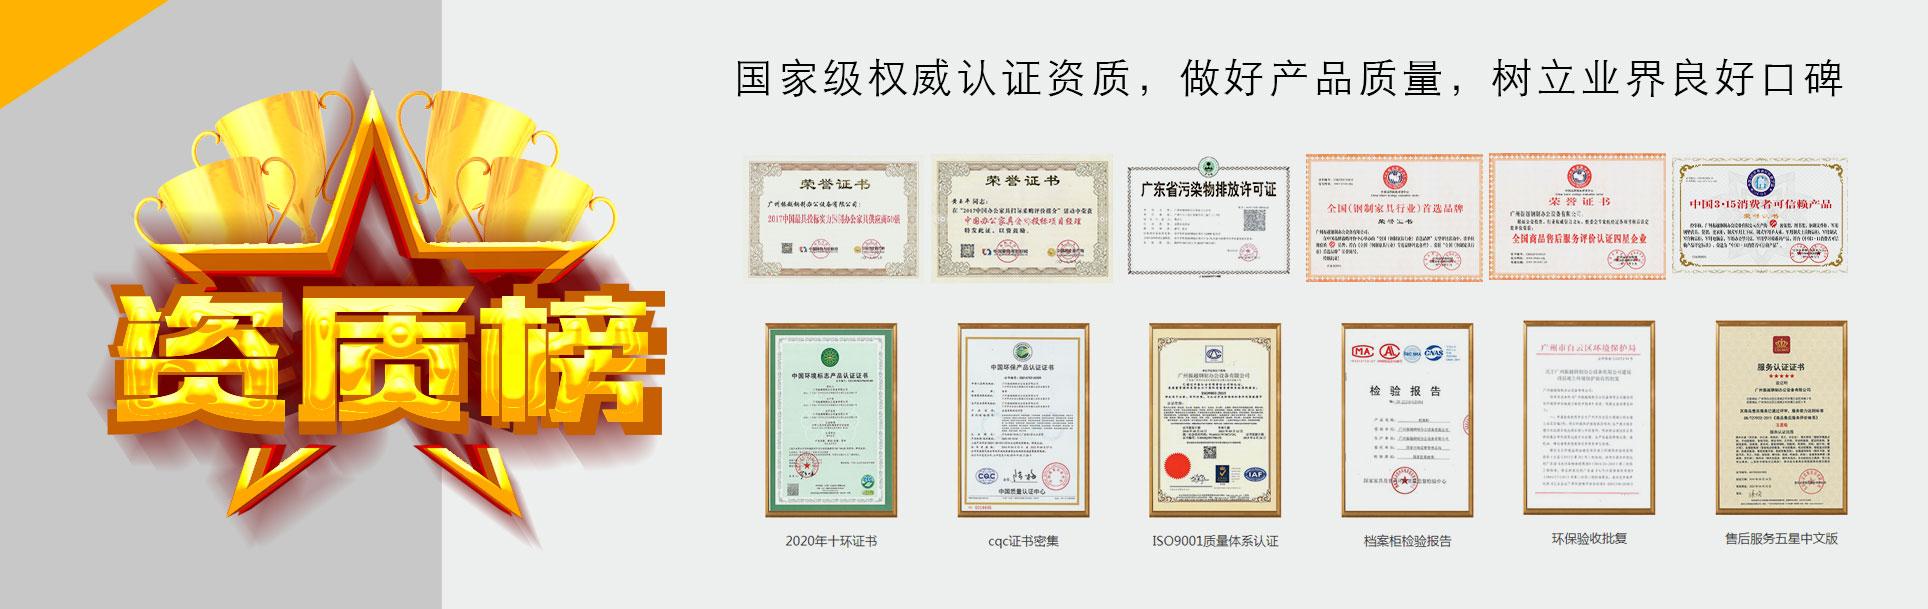 档案密集架,智能密集架,密集架厂家-国家级权威认证资质